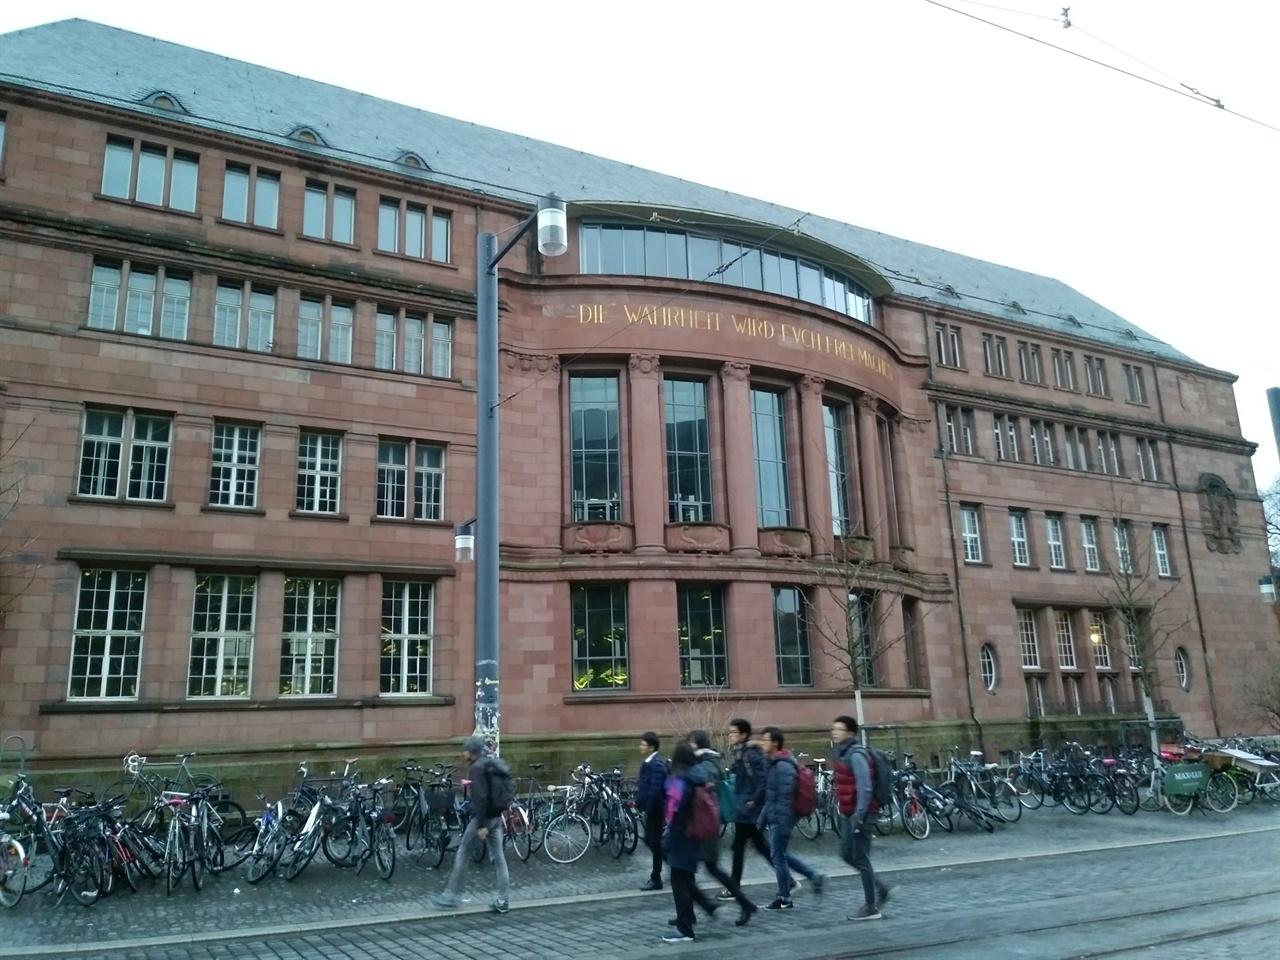 프라이부르그 대학의 모습 정면에 '진리가 너희를 자유케 하리라'는 대학의 모토가 적혀있다. 그 아래에도 어김없이 자전거가 늘어서 있다.